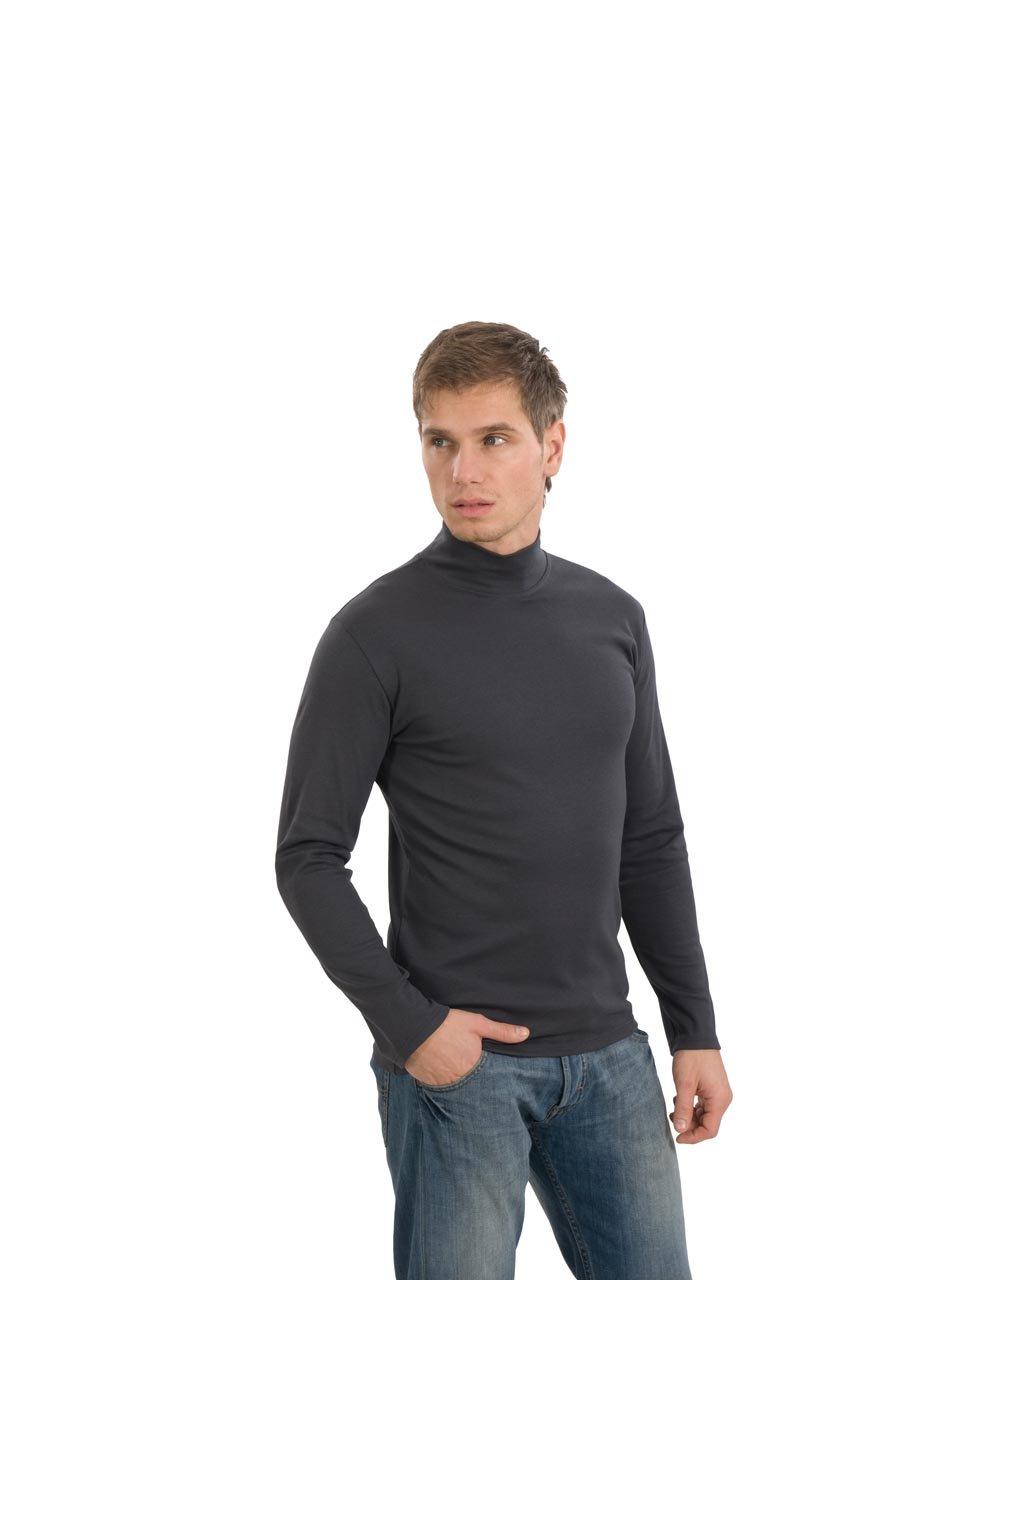 Pánské tričko s dlouhým rukávem, 20306 176, šedá